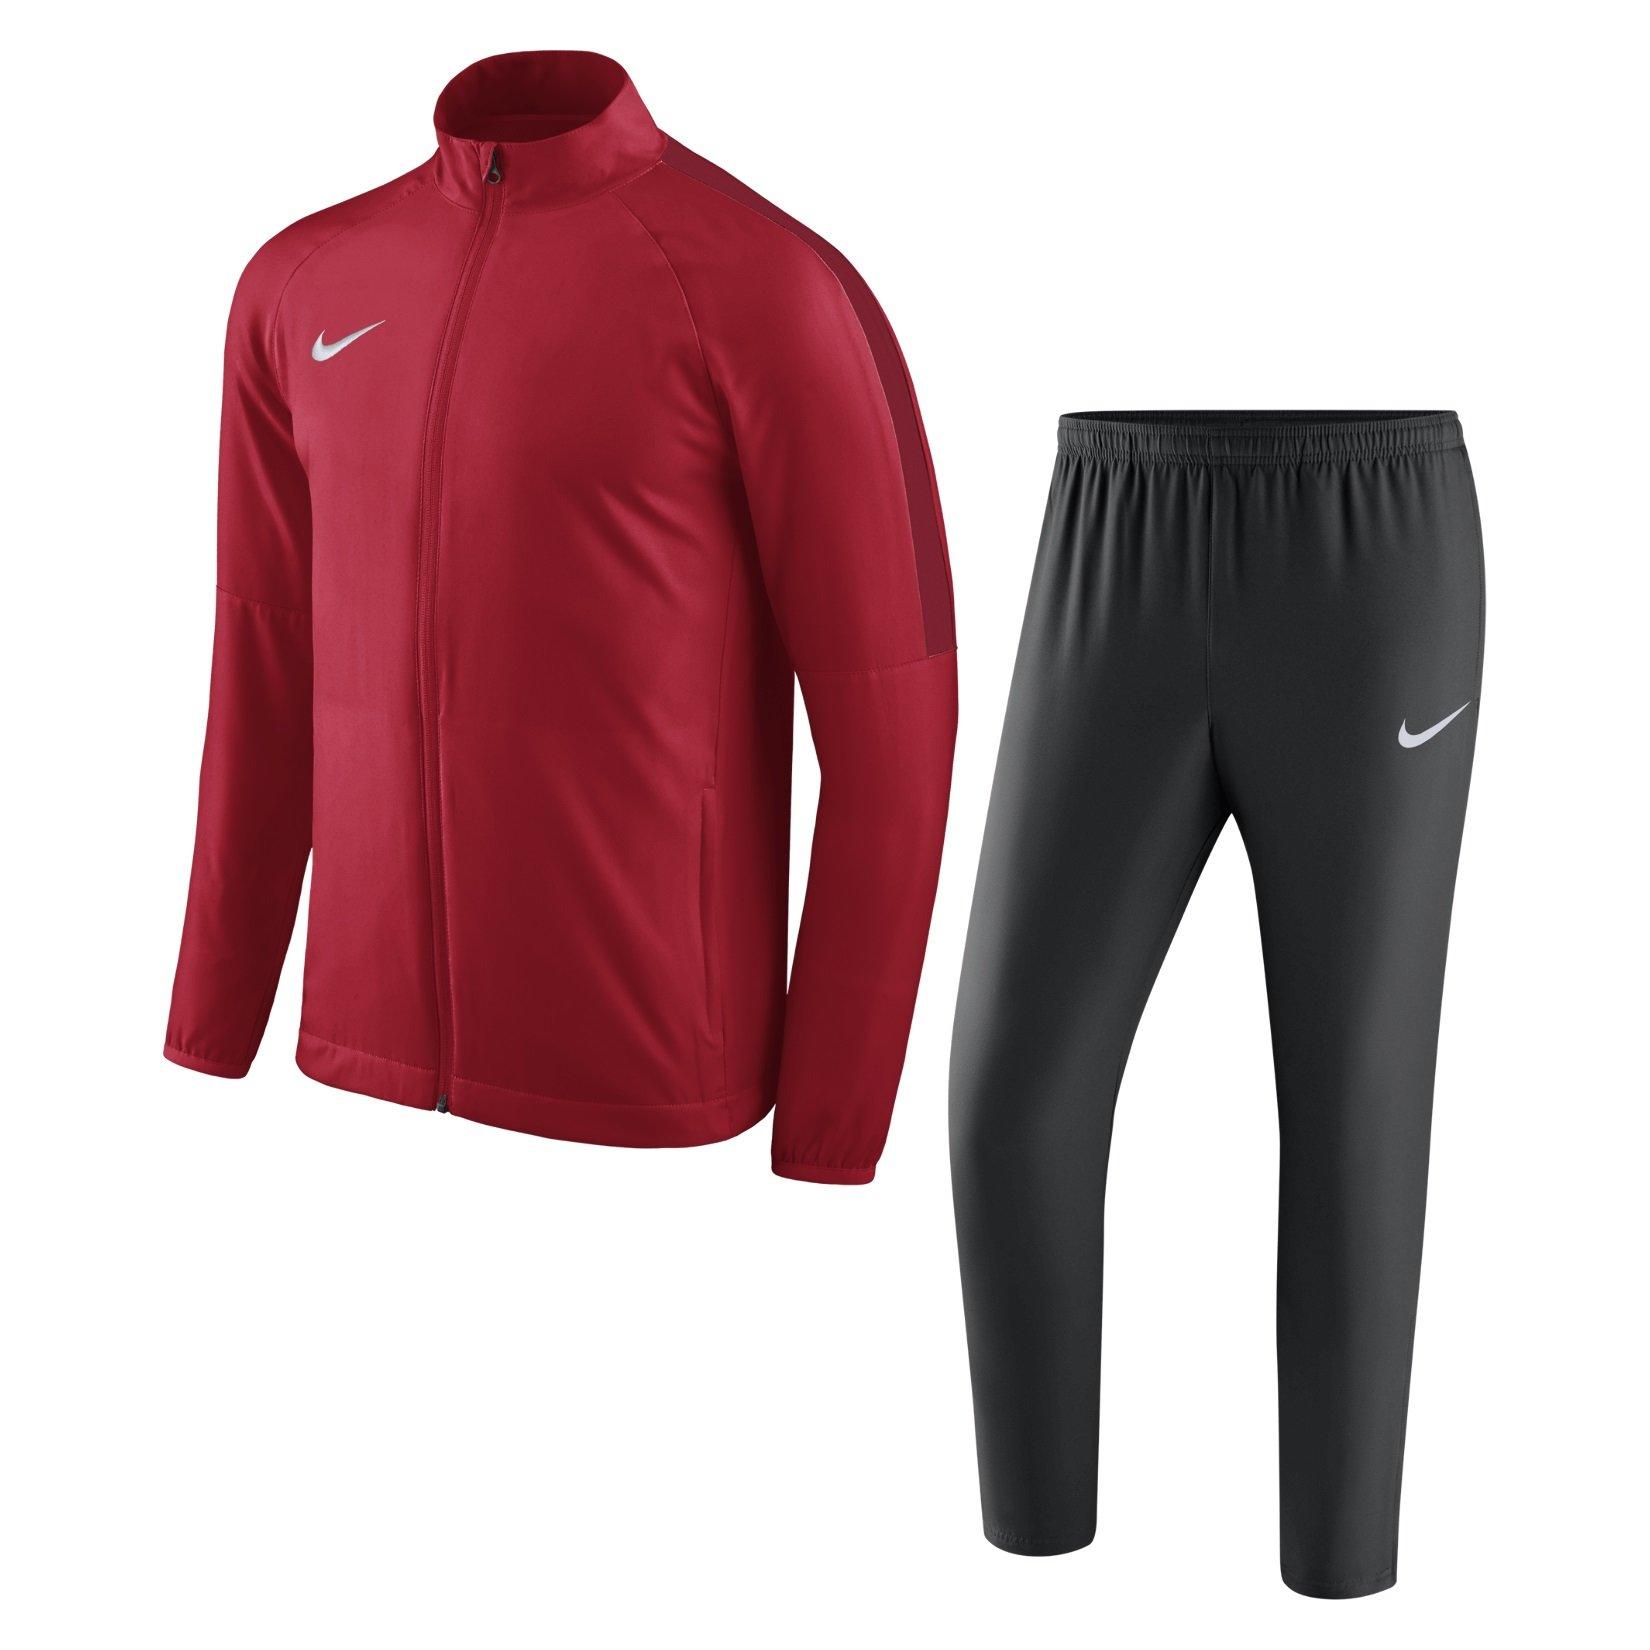 Купить костюм тренировочный reebok jogging basic sr продажа оборудования для майнинга криптовалют